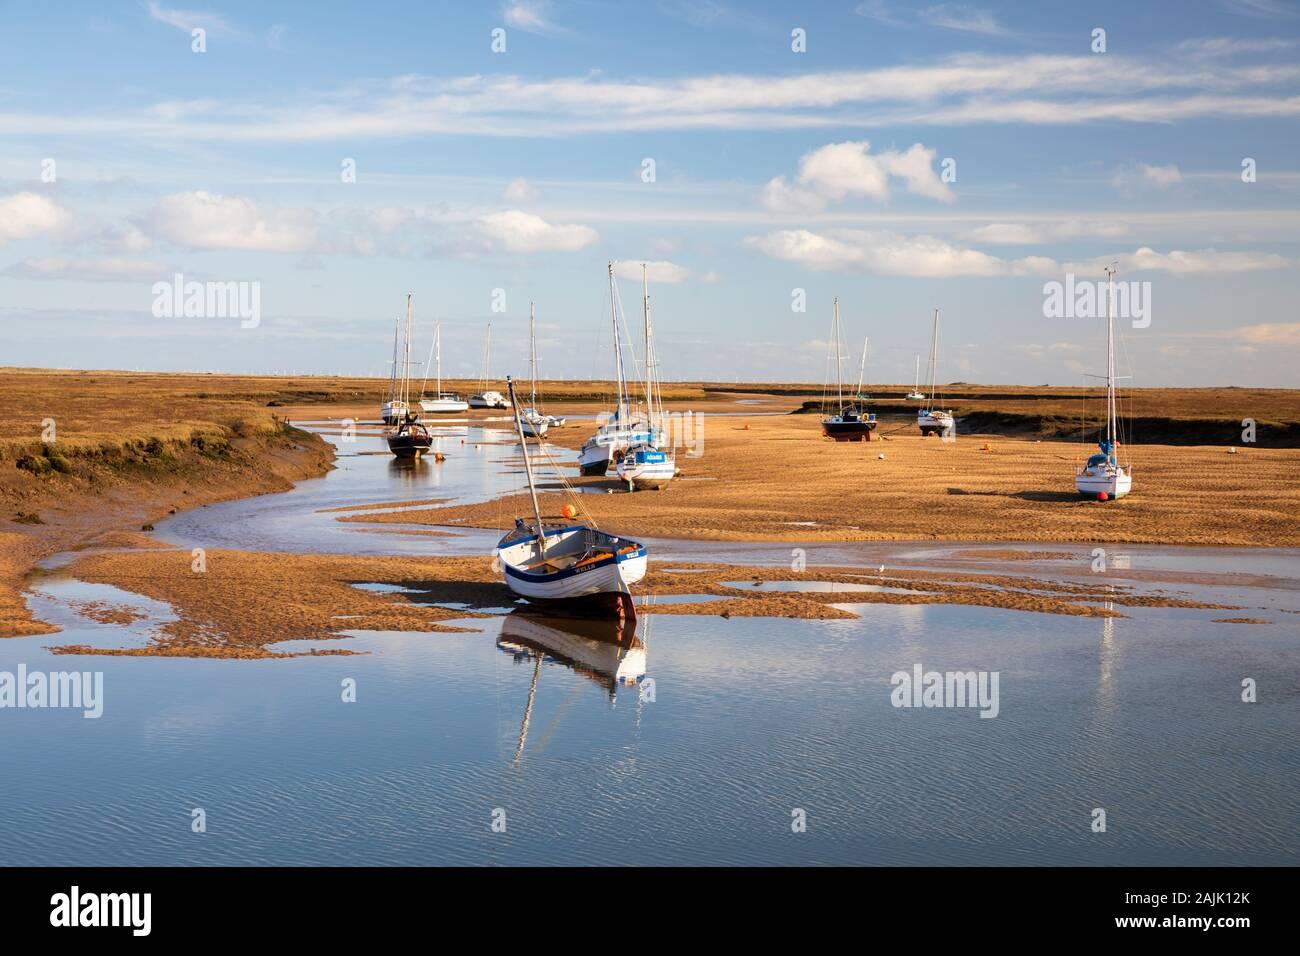 Bateaux sur le sable de la flotte de l'est à marée basse, Wells-next-the-Sea, Norfolk, Angleterre, Royaume-Uni, Europe Banque D'Images